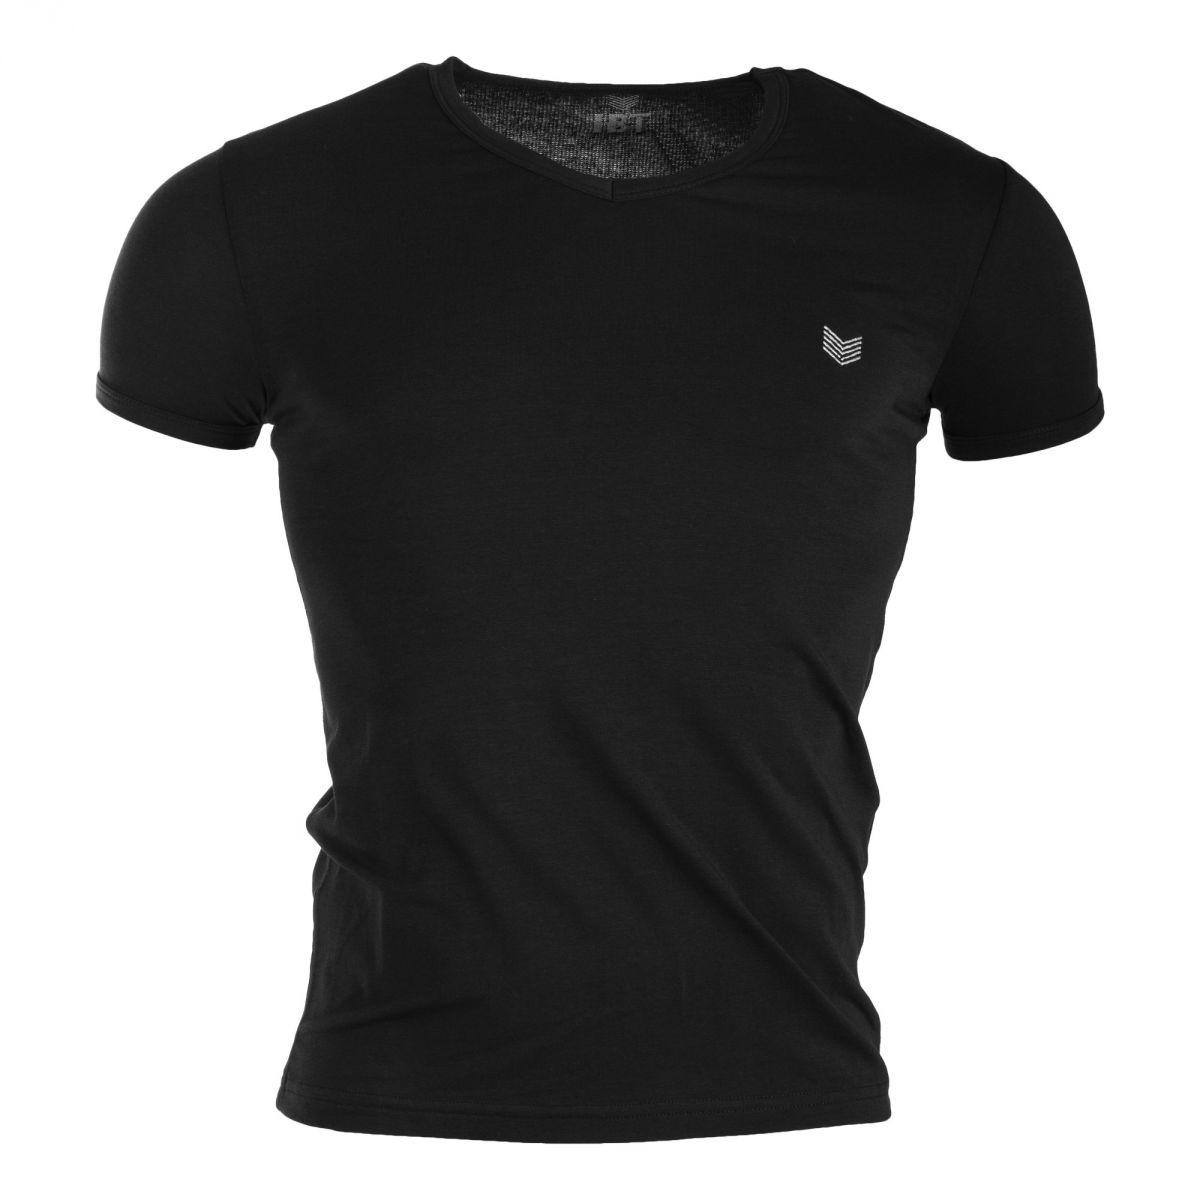 tee shirt col v manches courtes homme hbt prix d griff. Black Bedroom Furniture Sets. Home Design Ideas